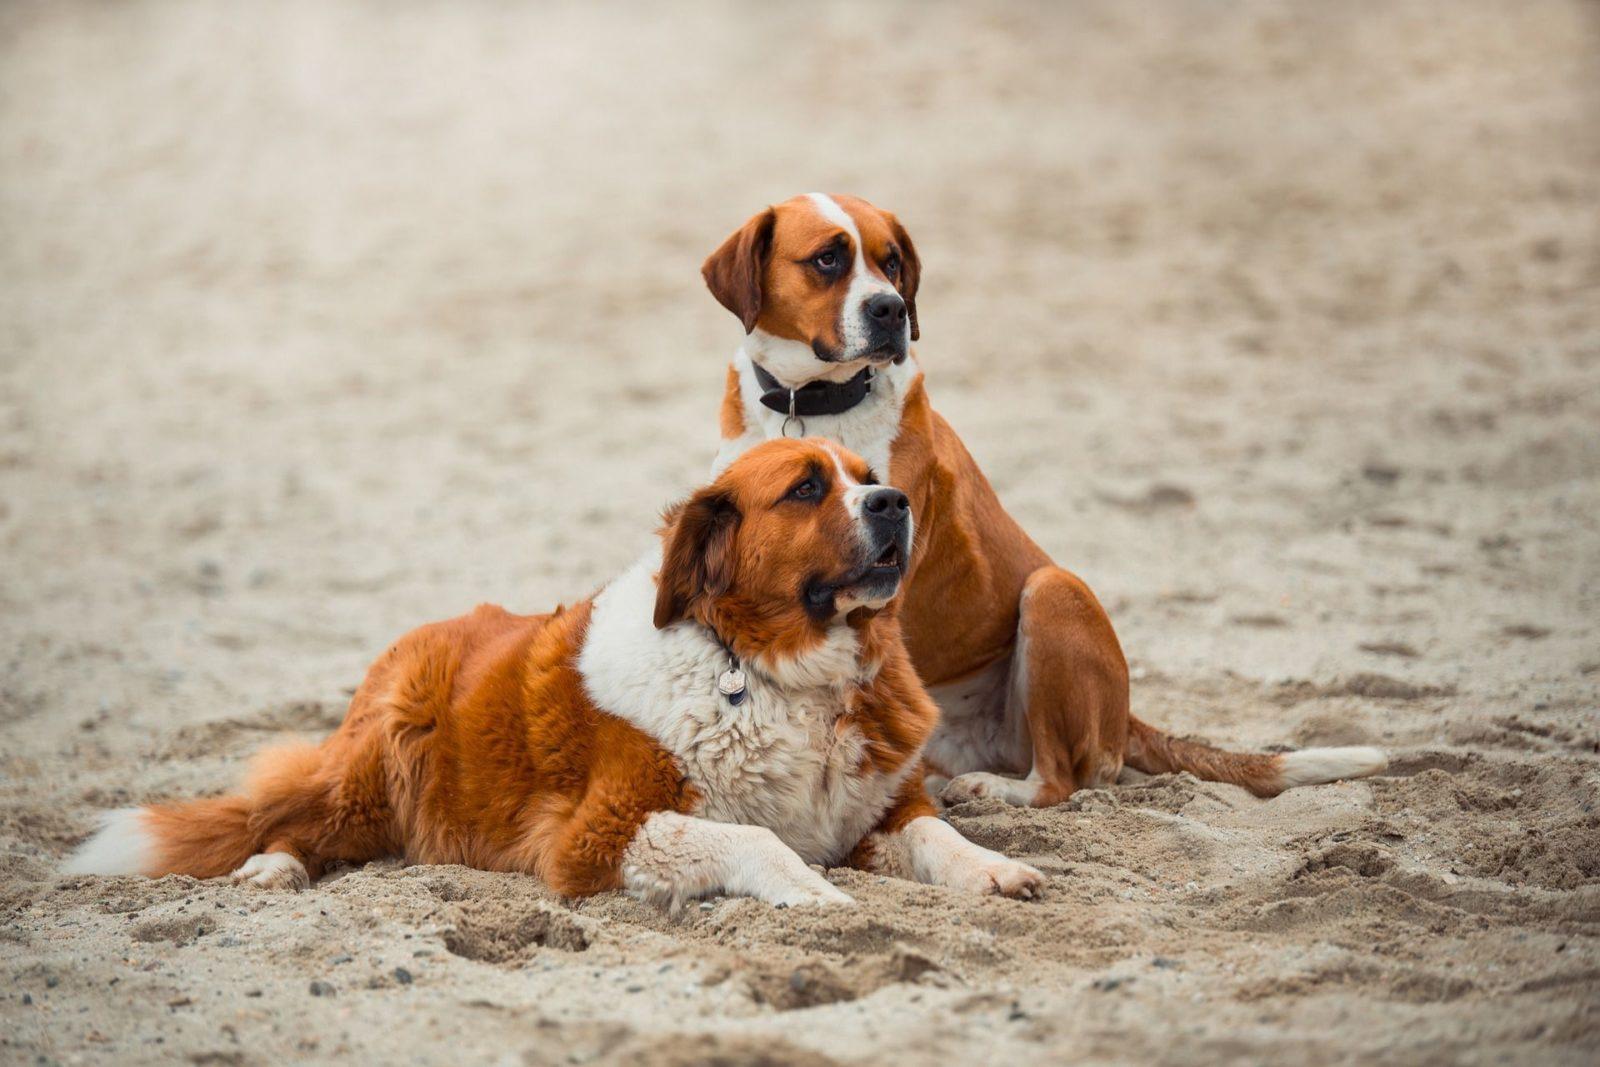 Что нужно знать перед тем как приобрести собаку — вопросы на которые мы должны ответить сами себе